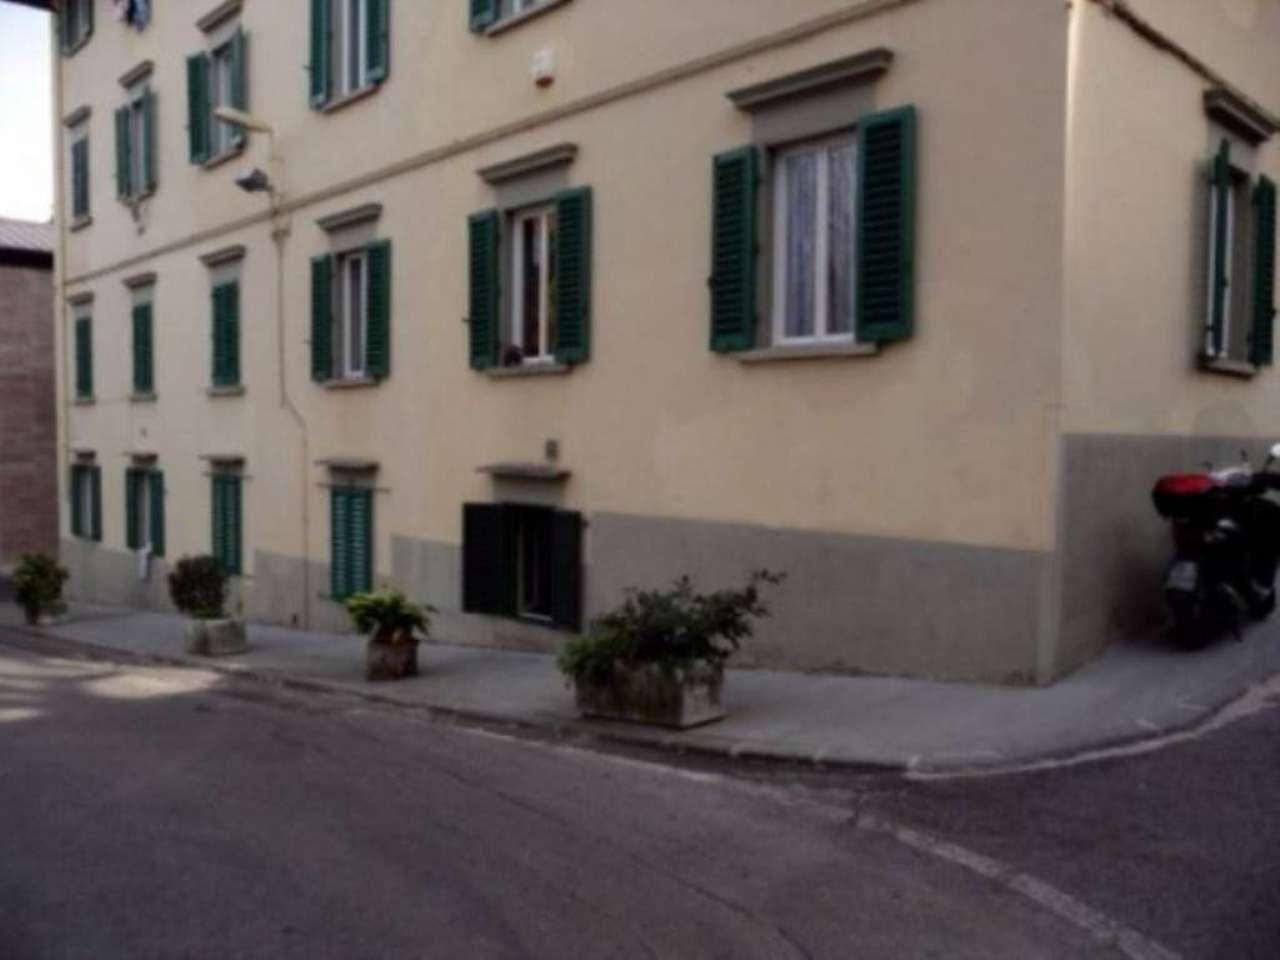 Appartamento in vendita a Fiesole, 3 locali, prezzo € 160.000 | CambioCasa.it